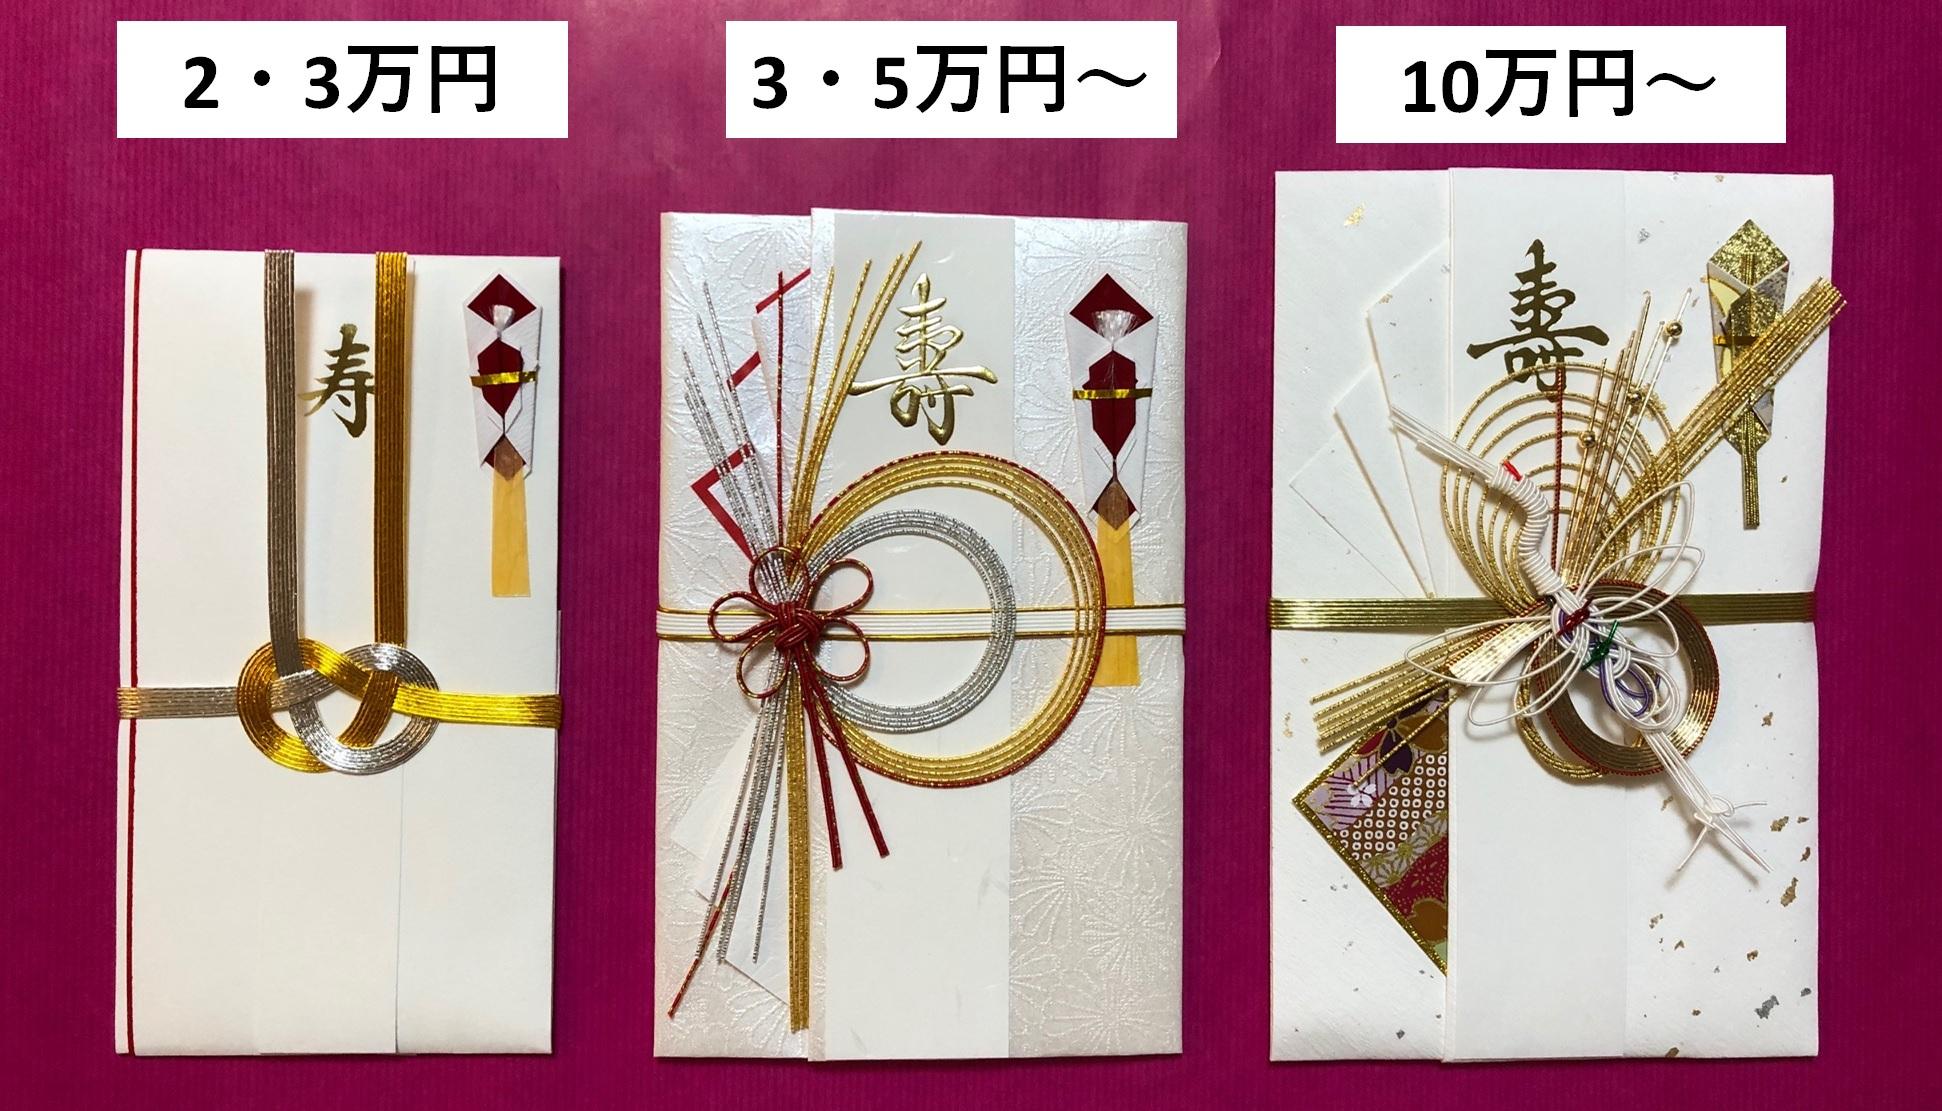 結婚式の金額別ご祝儀袋